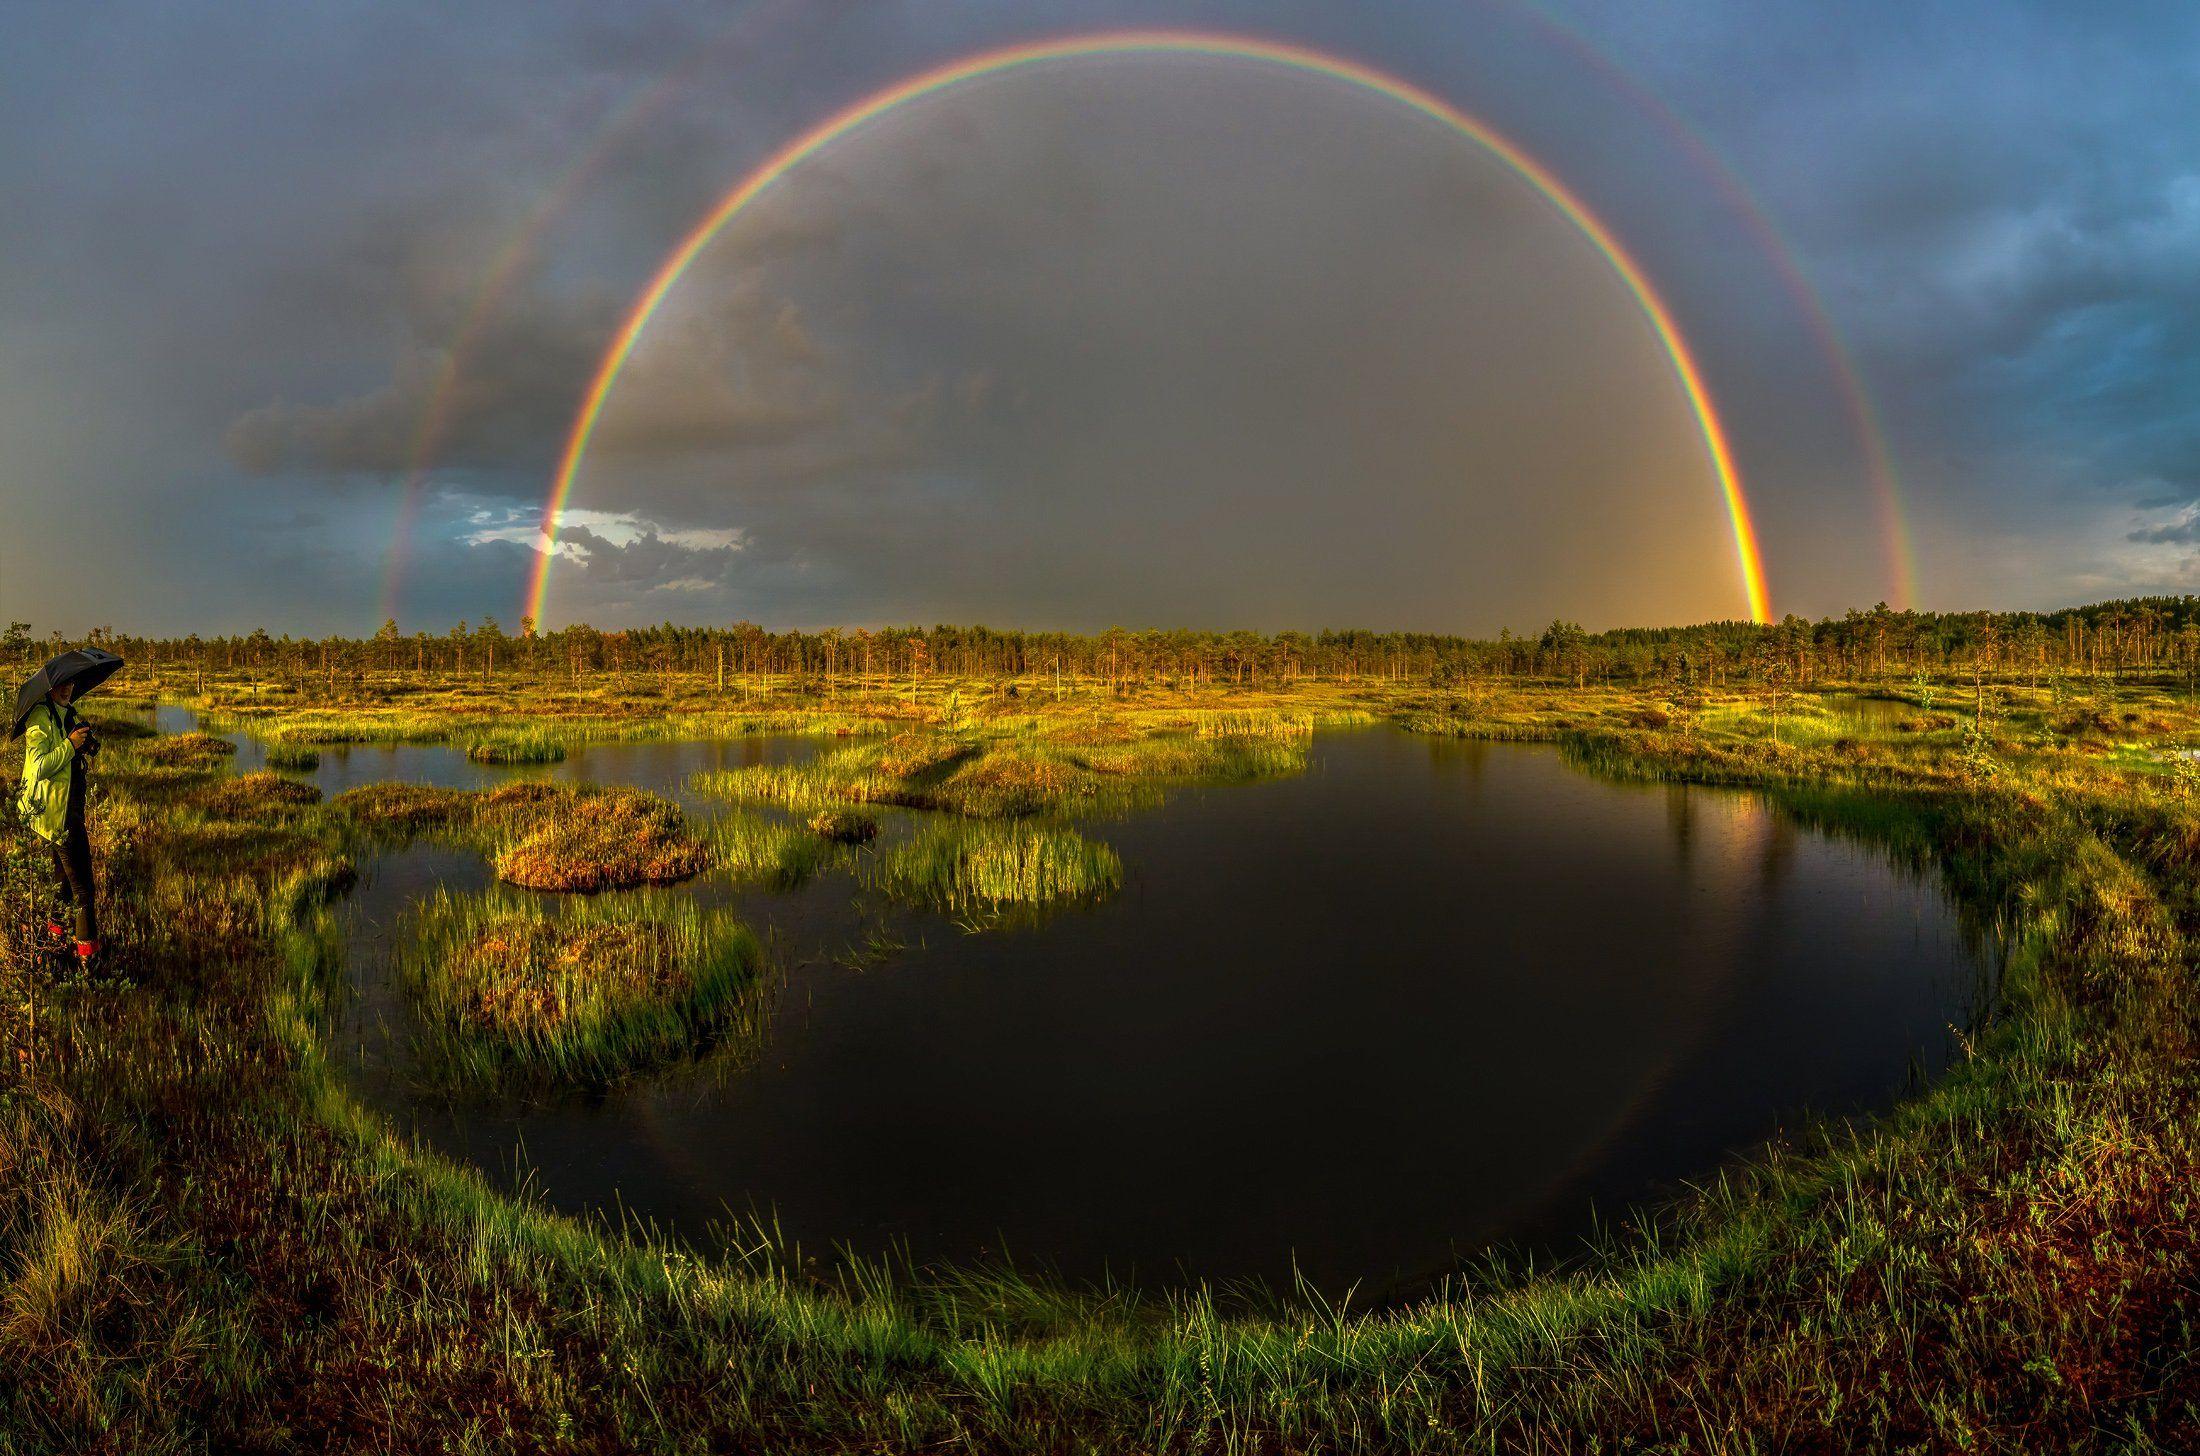 болото, радуга, лето, ливень, небо, фотопроект, ученик, закат, ленинградская область., Лашков Фёдор